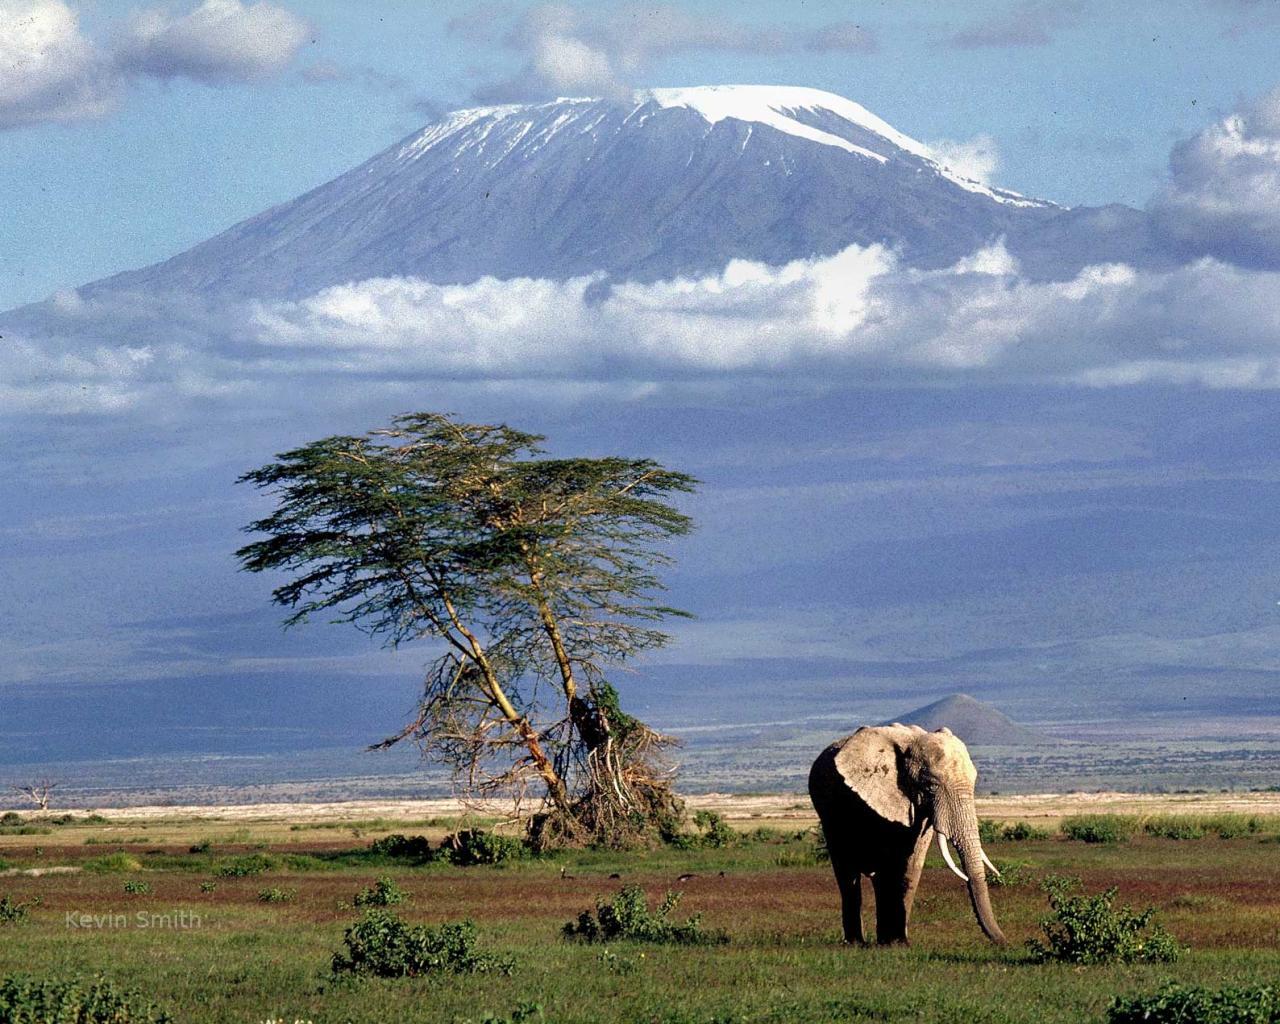 Ascensión Kilimanjaro (5.896 mts)